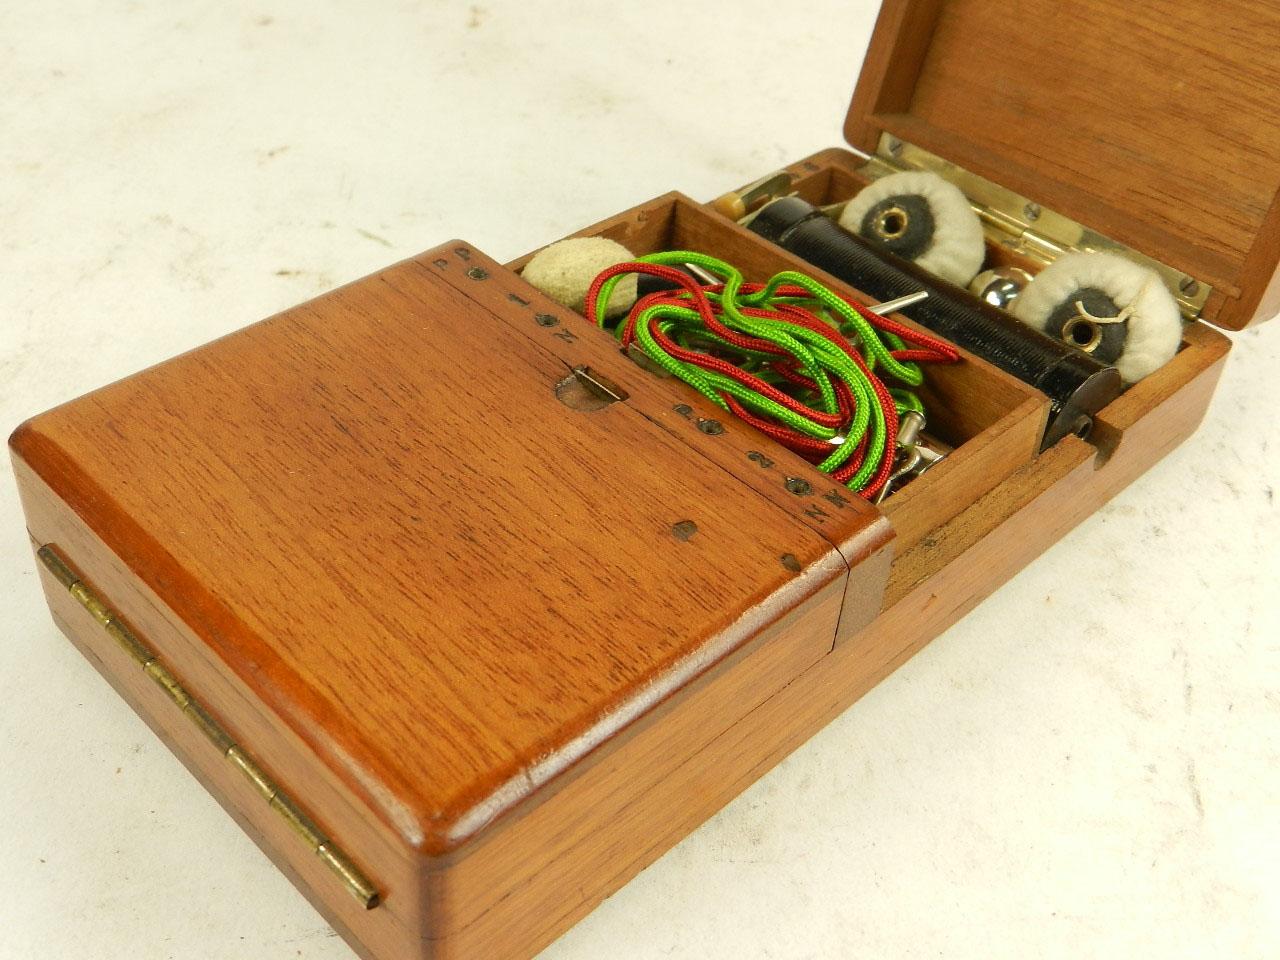 Imagen APARATO DE ELECTROSHOCK AÑO 1900 24408